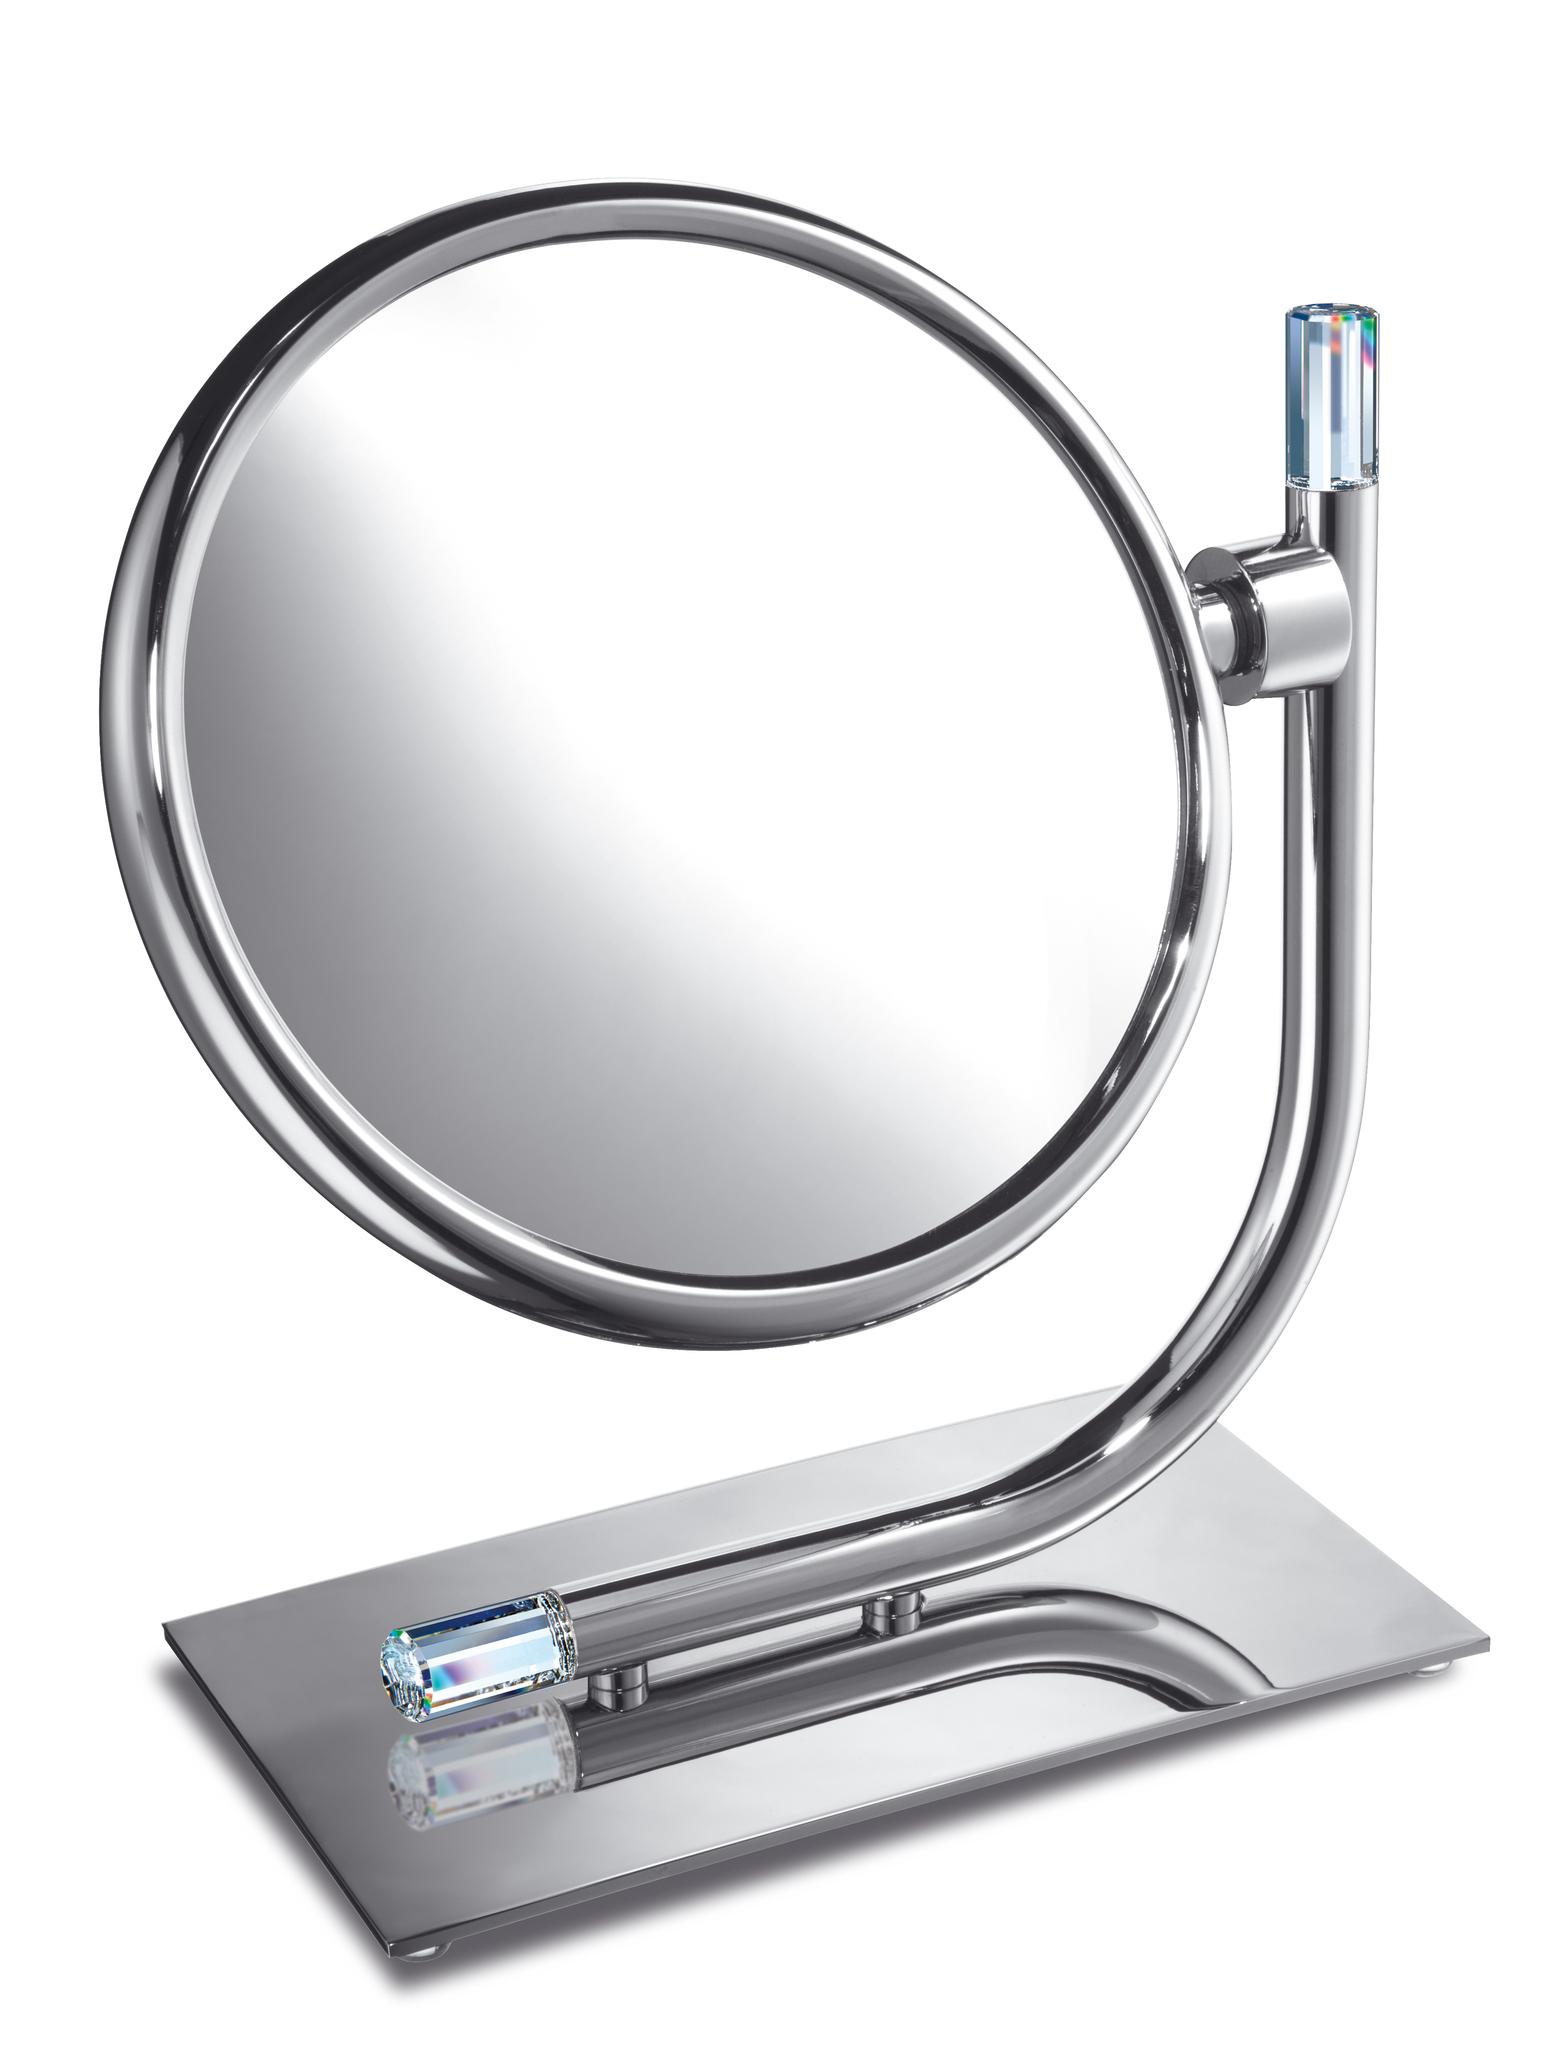 Зеркала Зеркало косметическое Windisch 99636CR 5X Concept elitnoe-zerkalo-kosmeticheskoe-99636-concept-ot-windisch-ispaniya.jpg